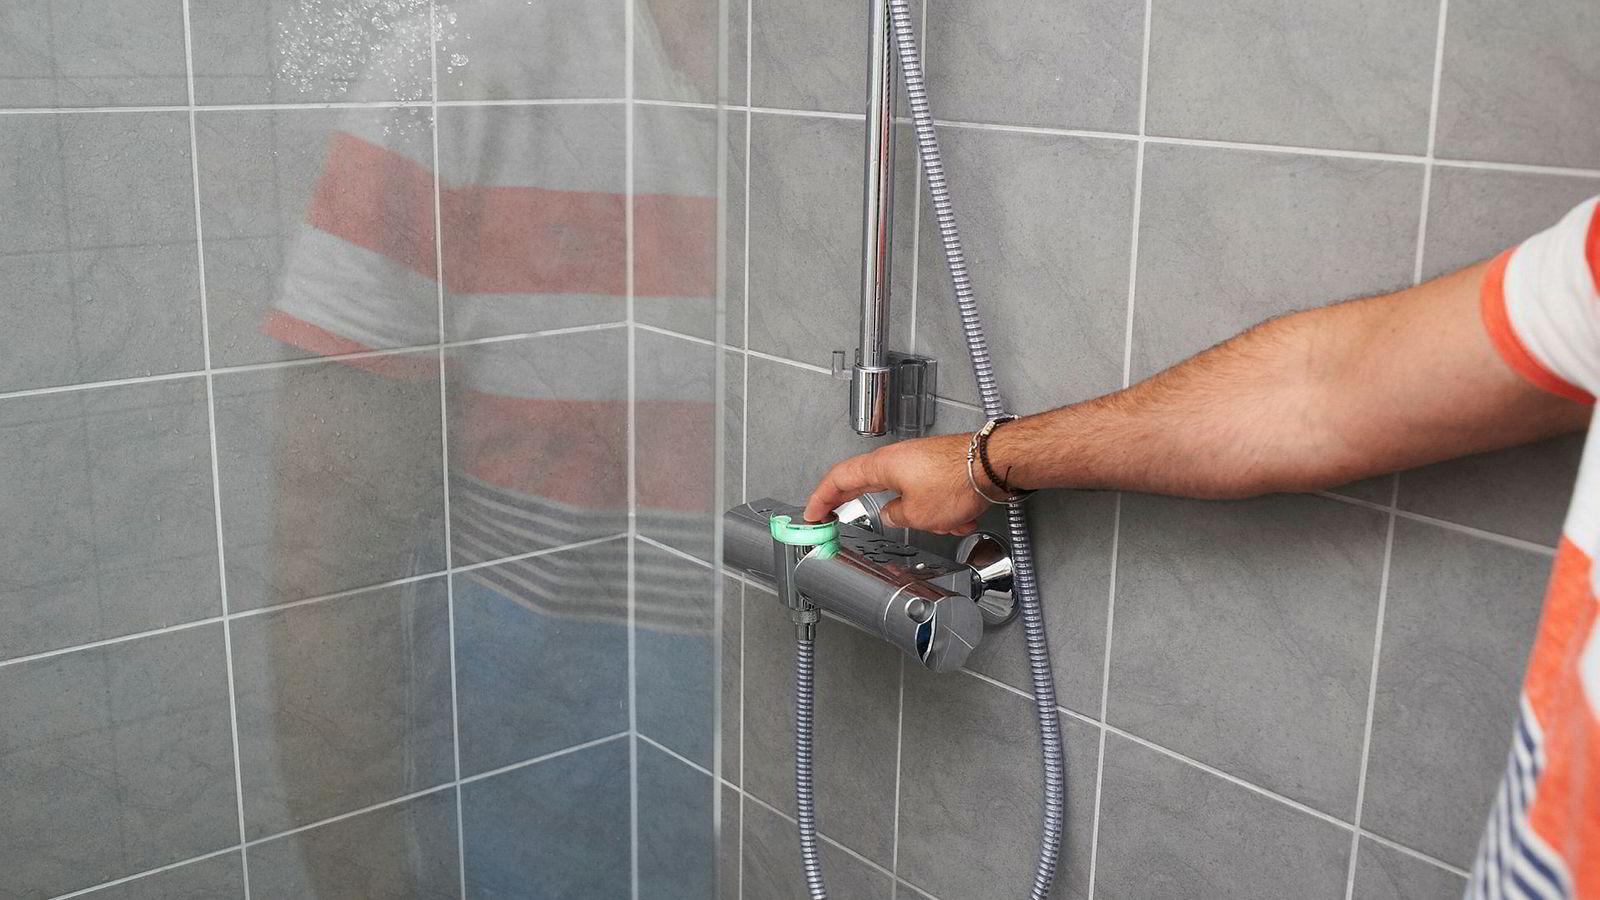 Det florerer med vannlekkasjer fra norske bad. Mye skyldes dårlig utført håndverk.